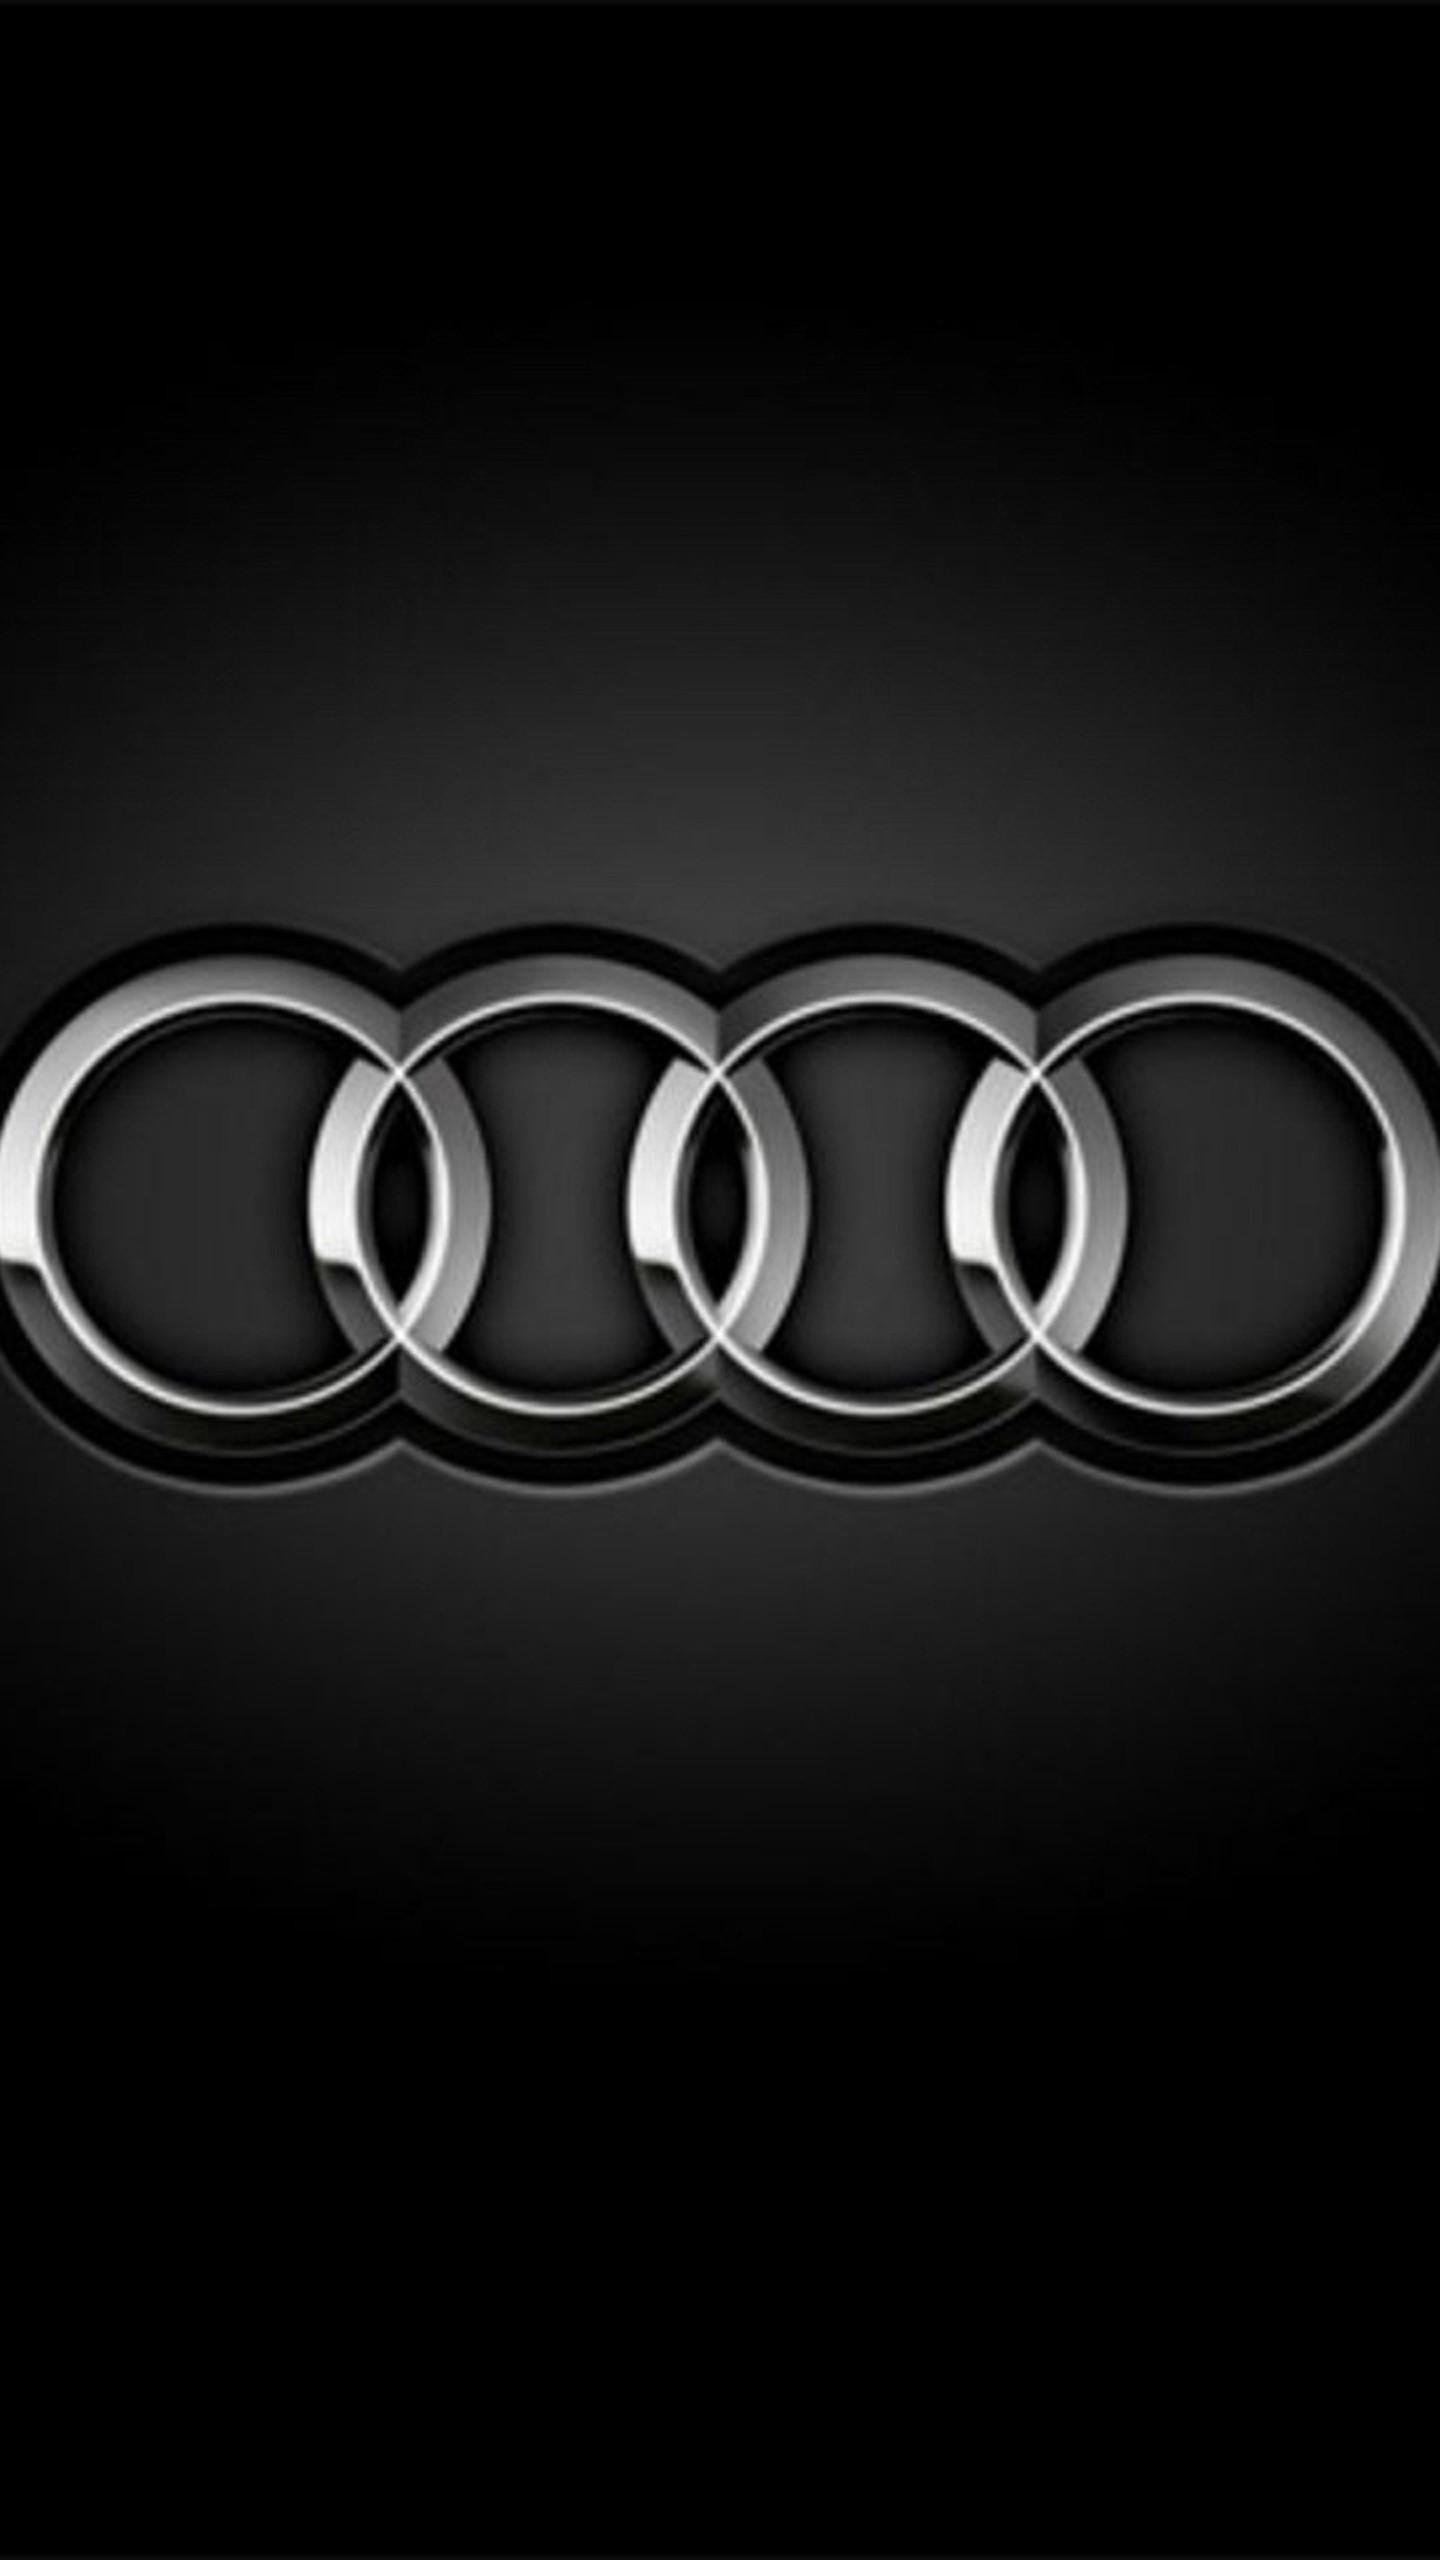 Res: 1440x2560, Audi Logo Wallpaper